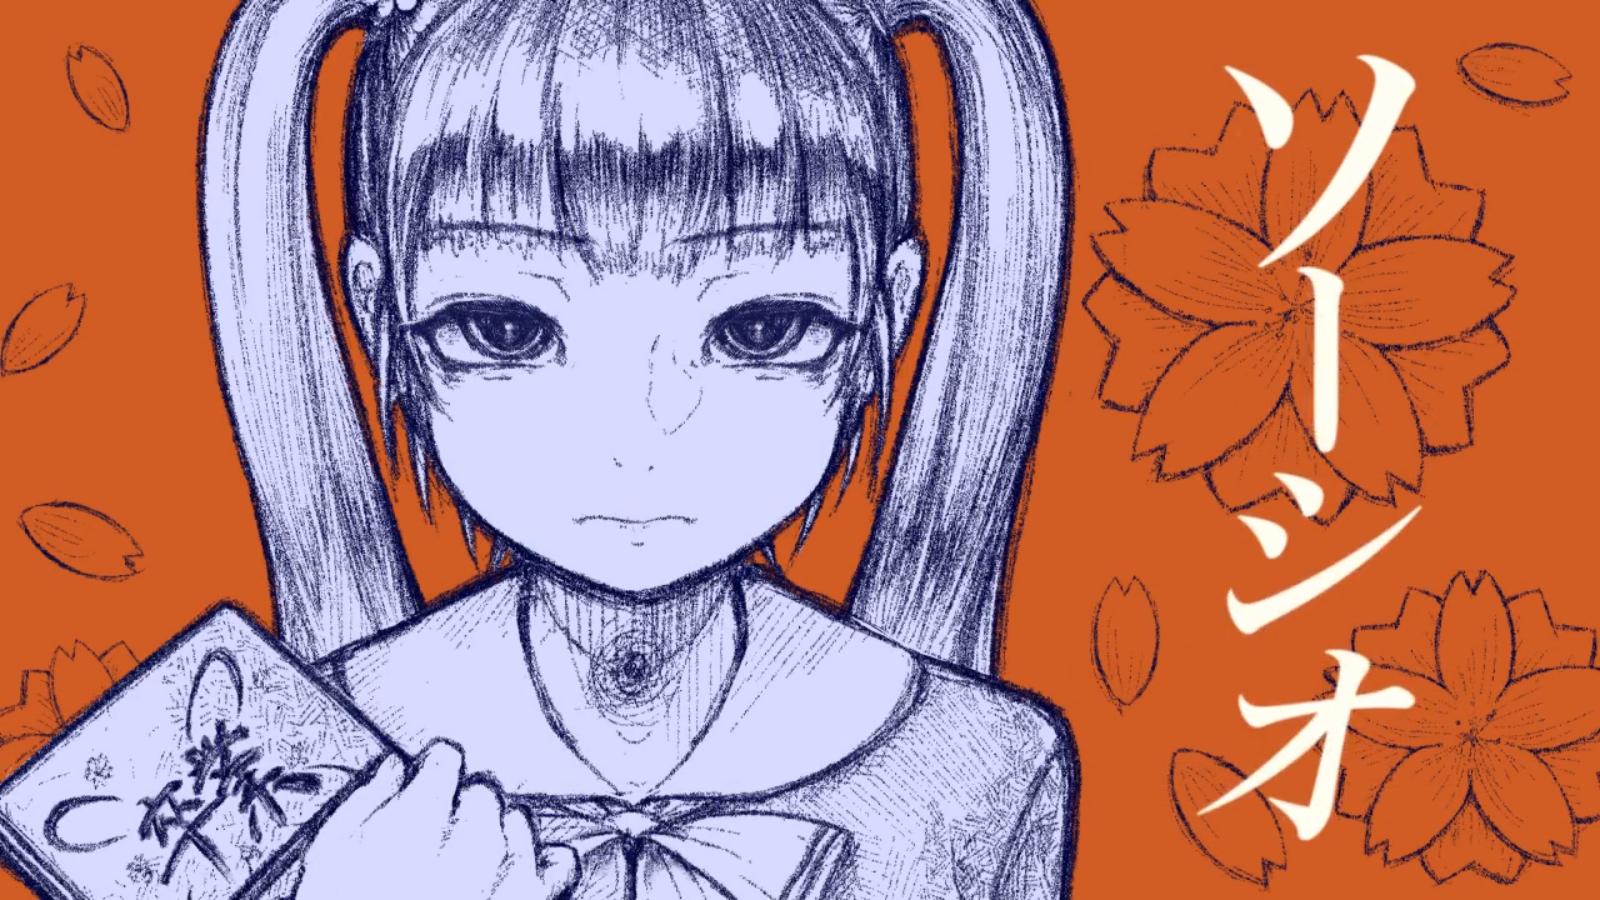 ソーシオ (Sooshio)